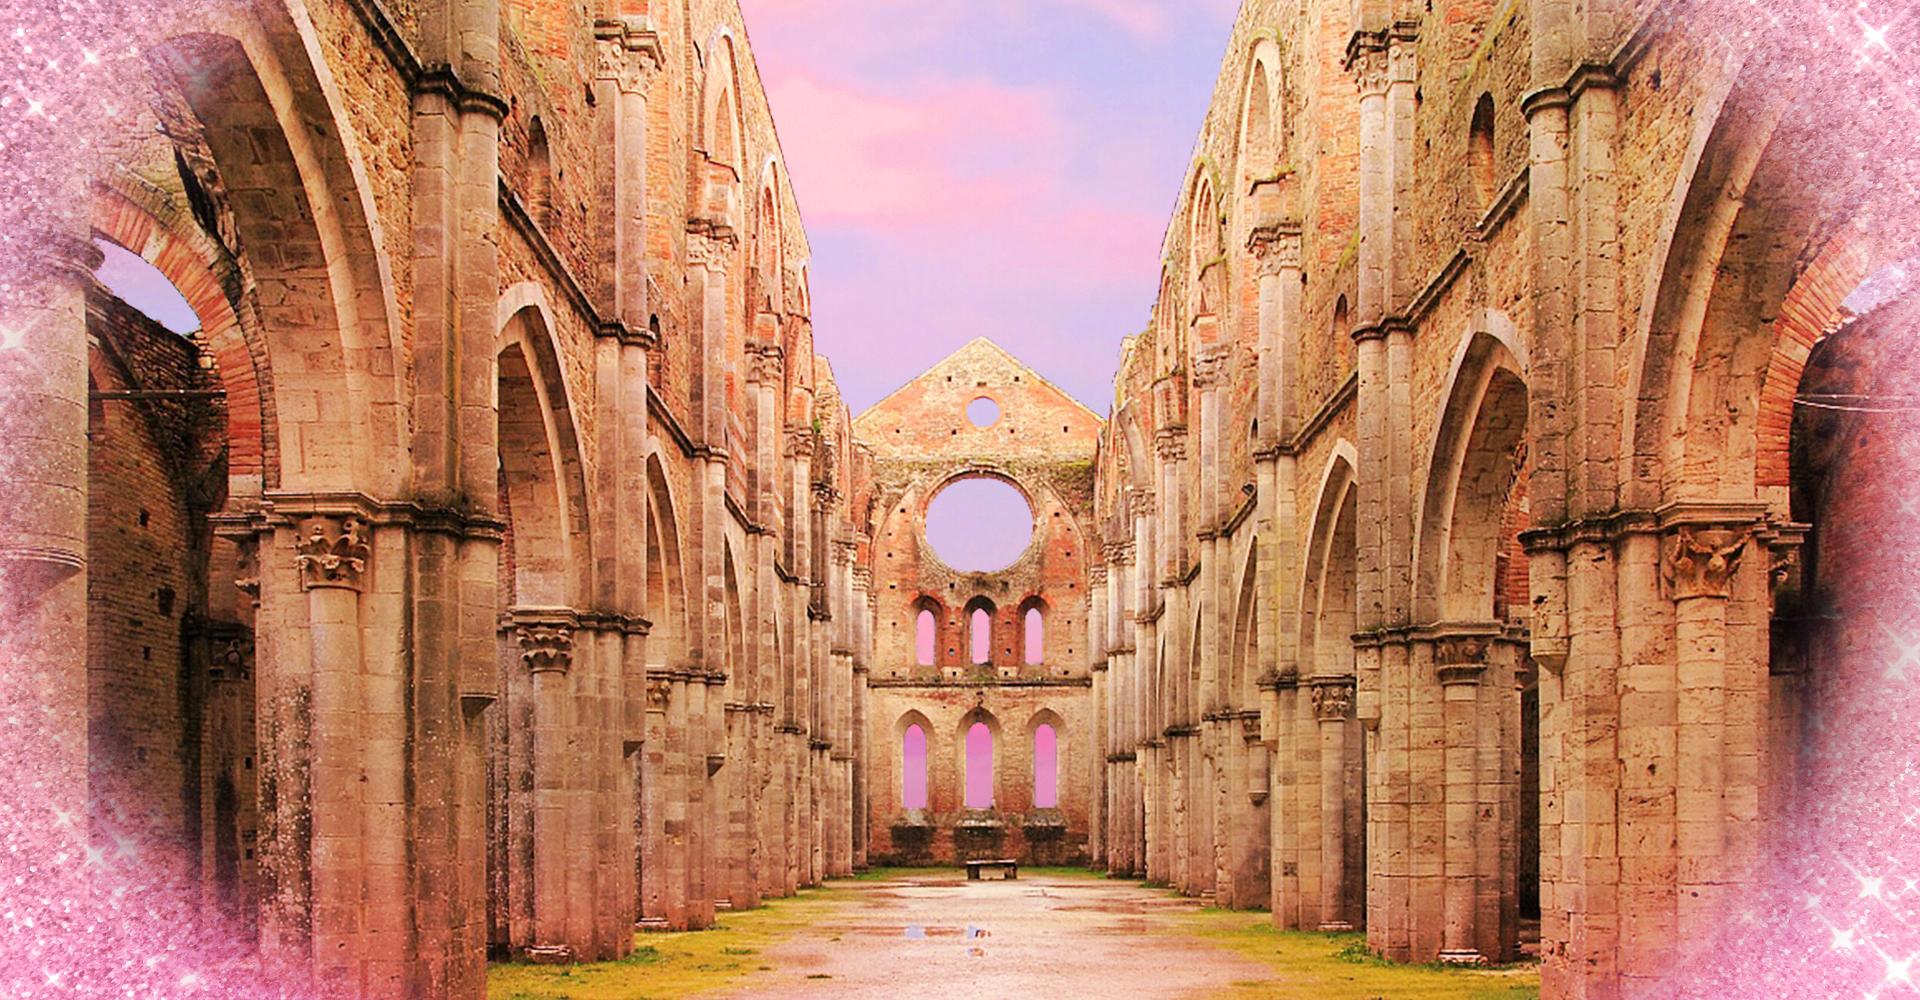 Abbazia di San Galgano, tra mito e leggenda la storia della spada nella roccia italiana